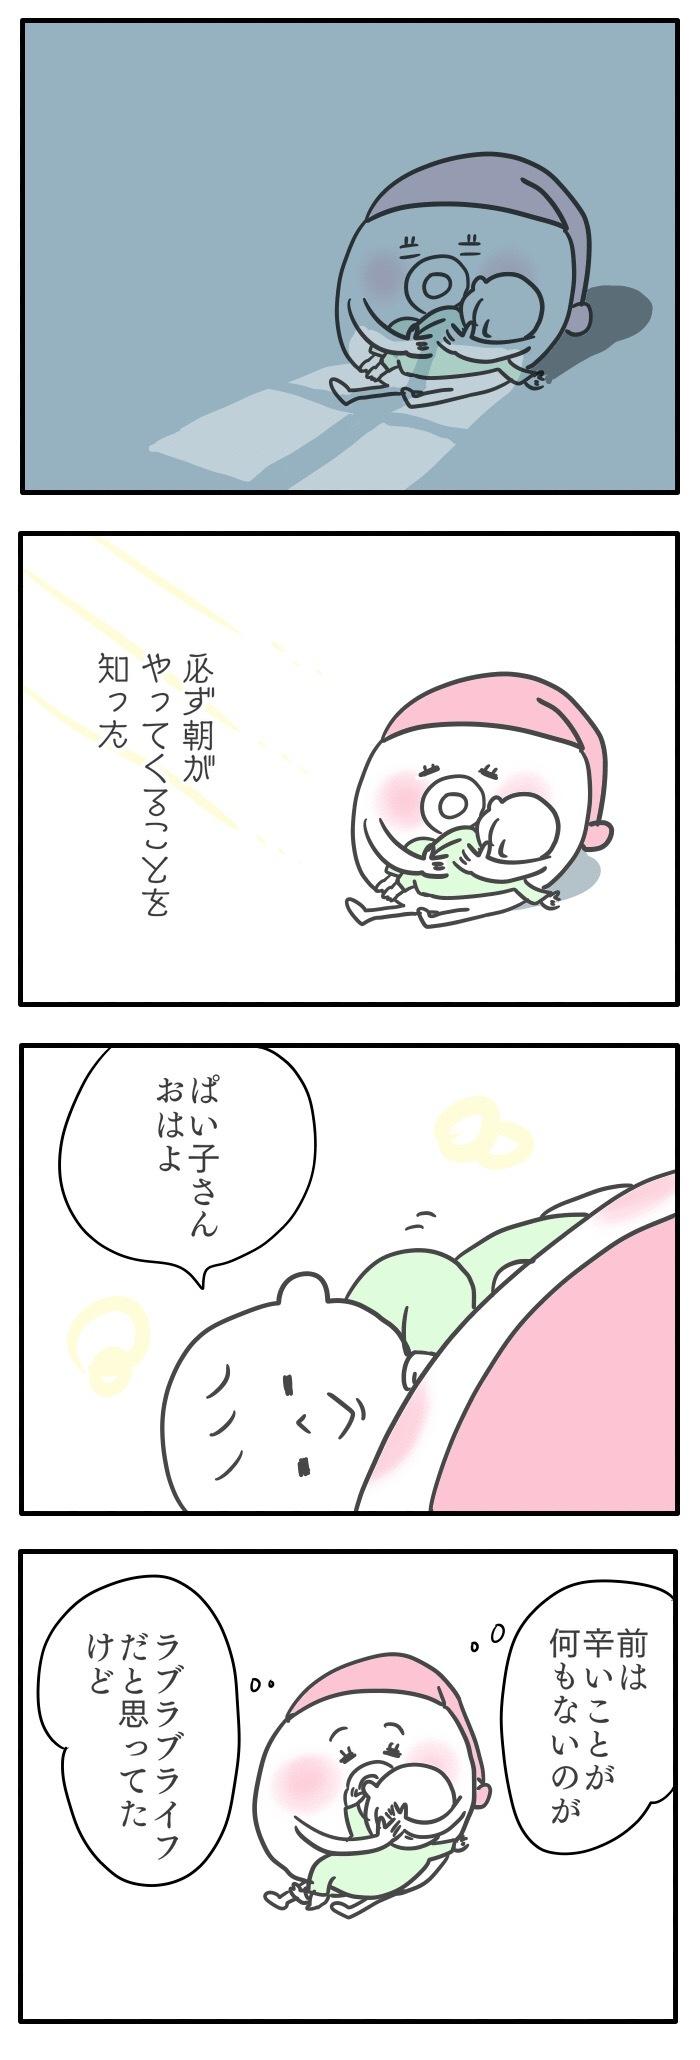 ぼうやが「りにゅうしょく」を食べた日/おっぱいとぼく2【11話】の画像2